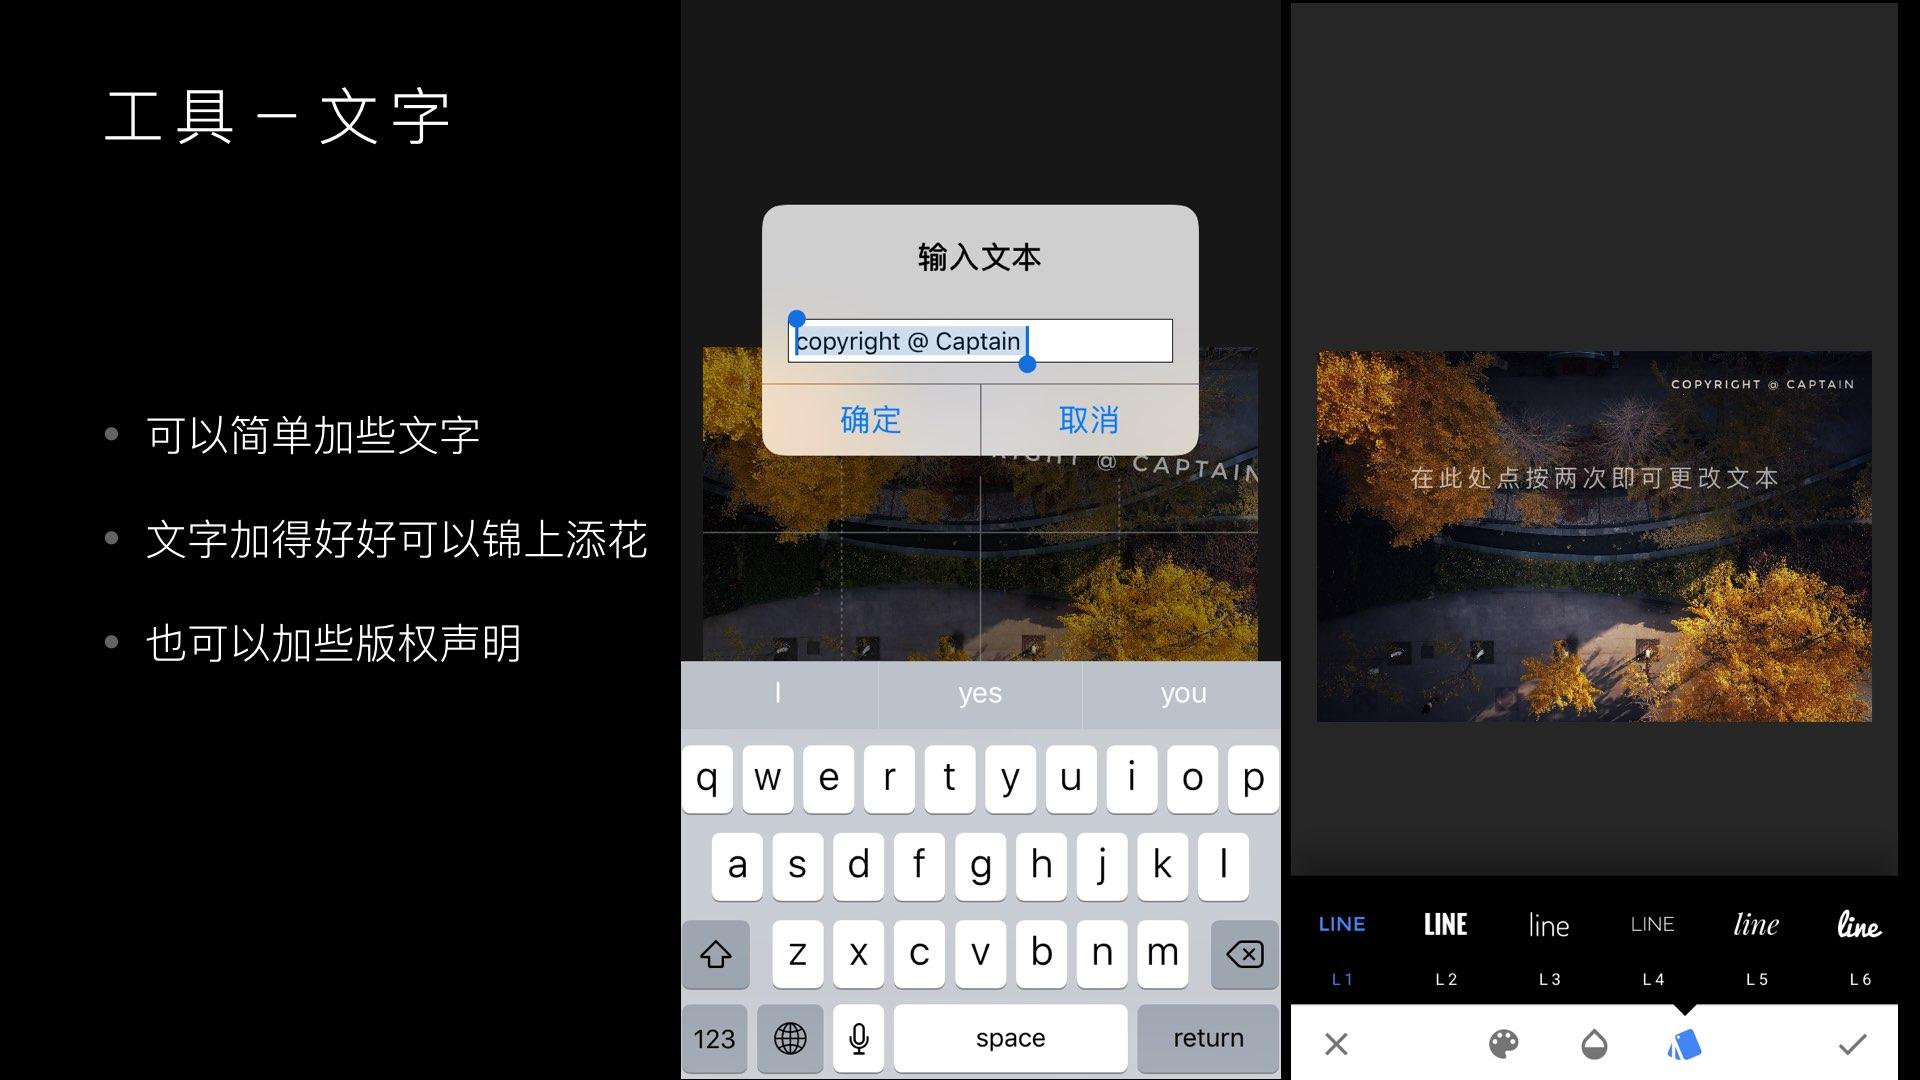 化腐朽为神奇,Snapseed图片编辑教程.019.jpeg